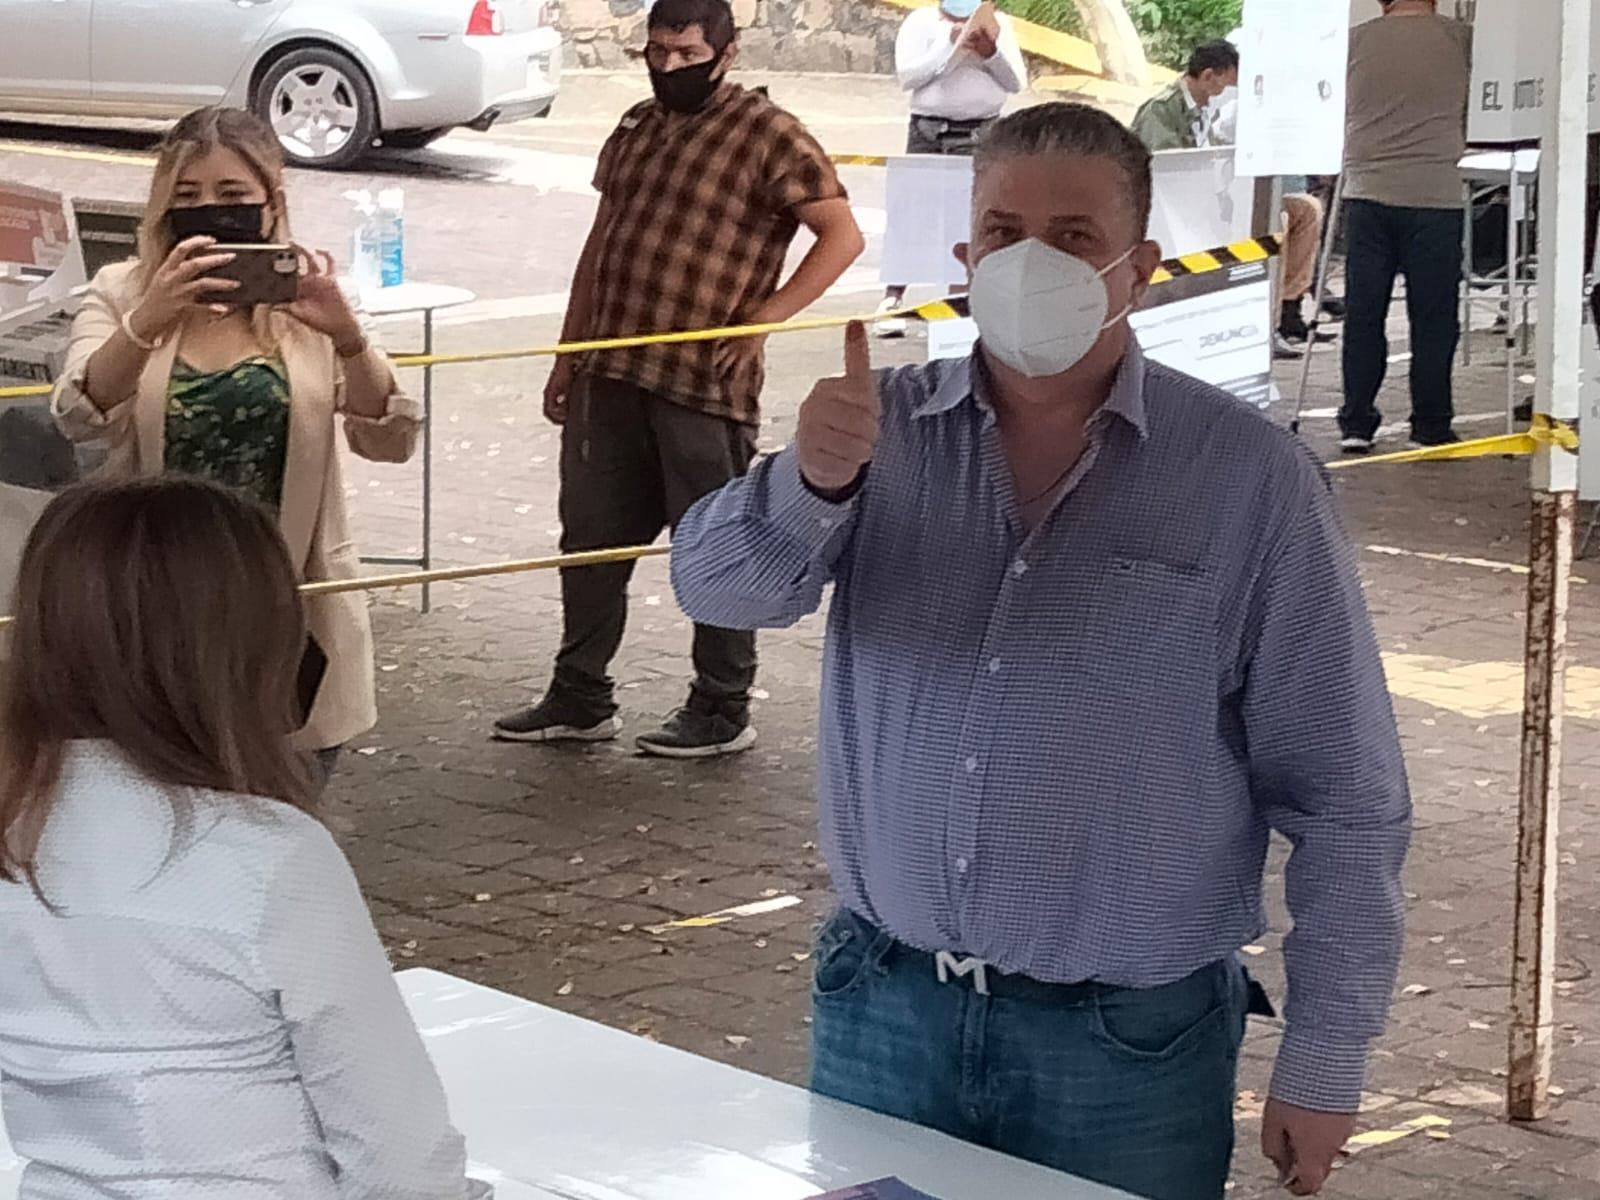 Jornada electoral transcurre con tranquilidad, afirmó el secretario de Seguridad Pública de Veracruz